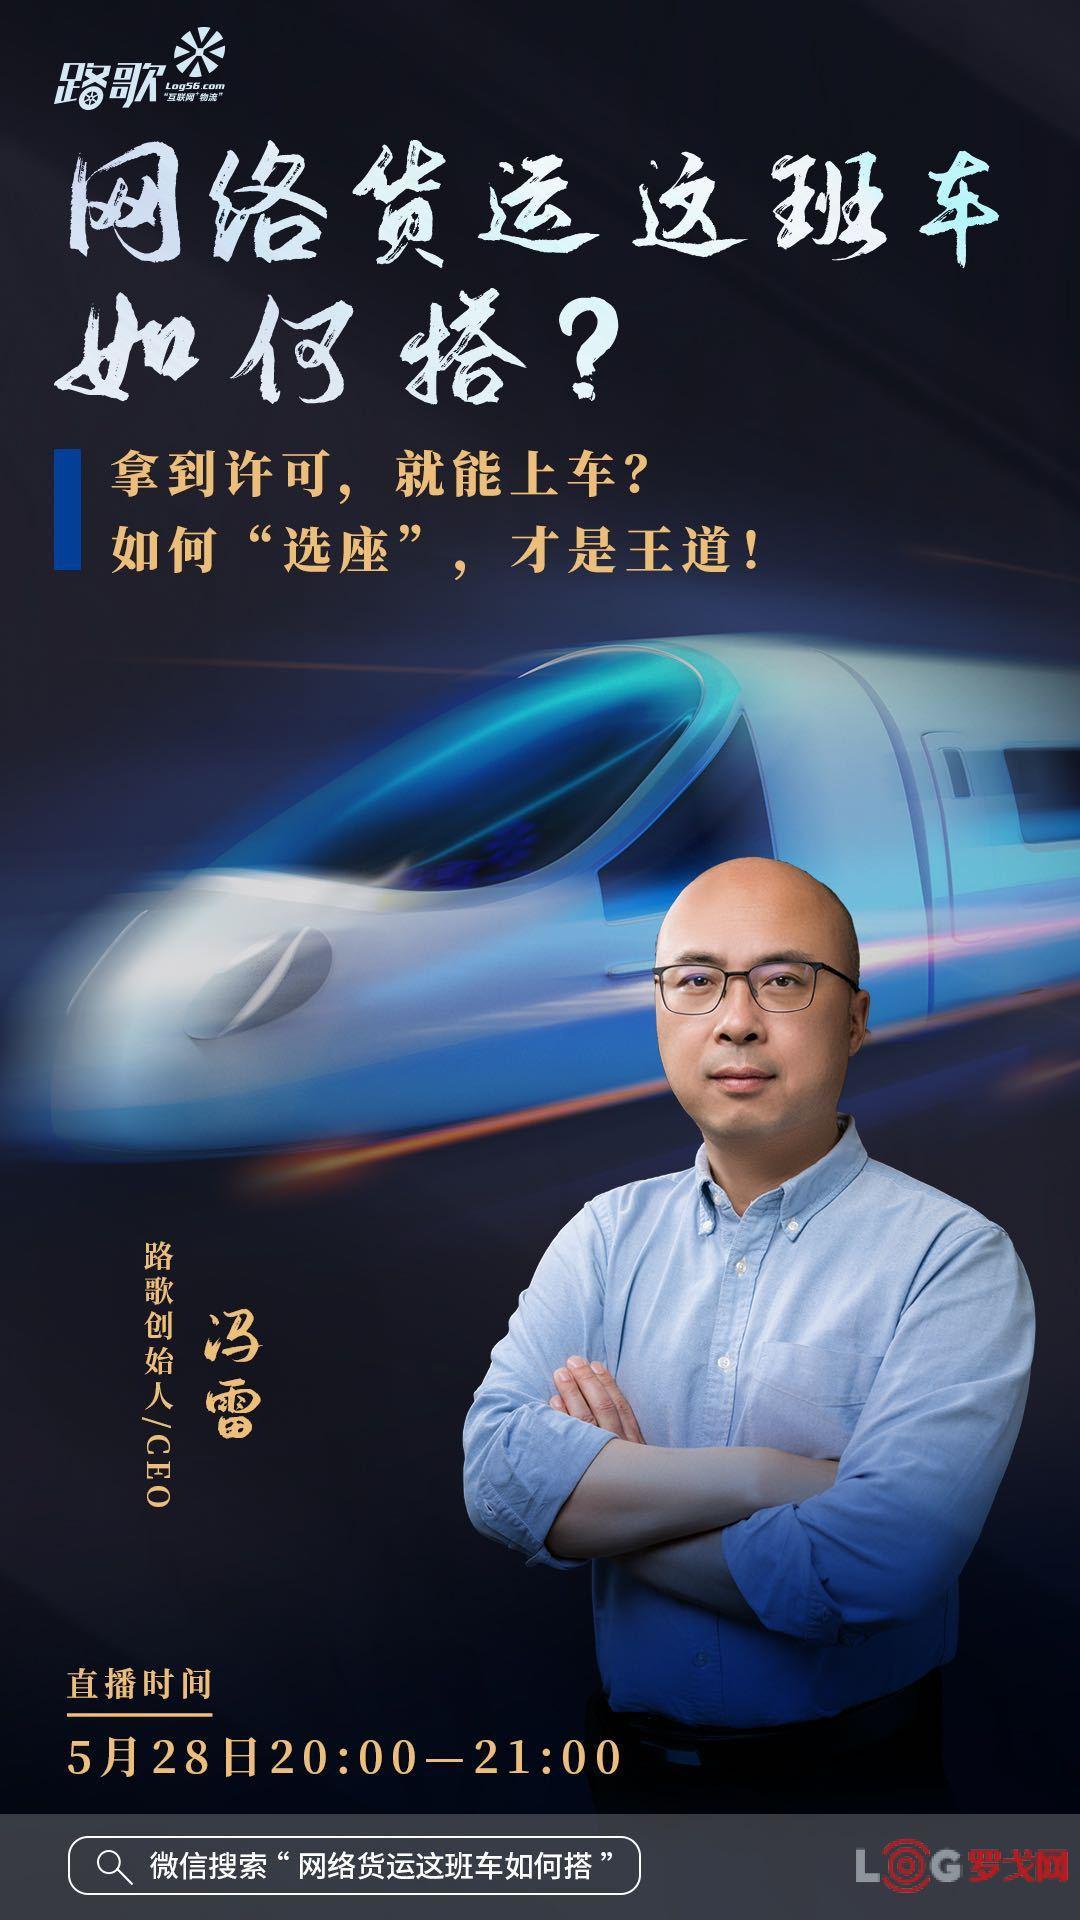 路歌冯雷:网络货运这班车如何搭?